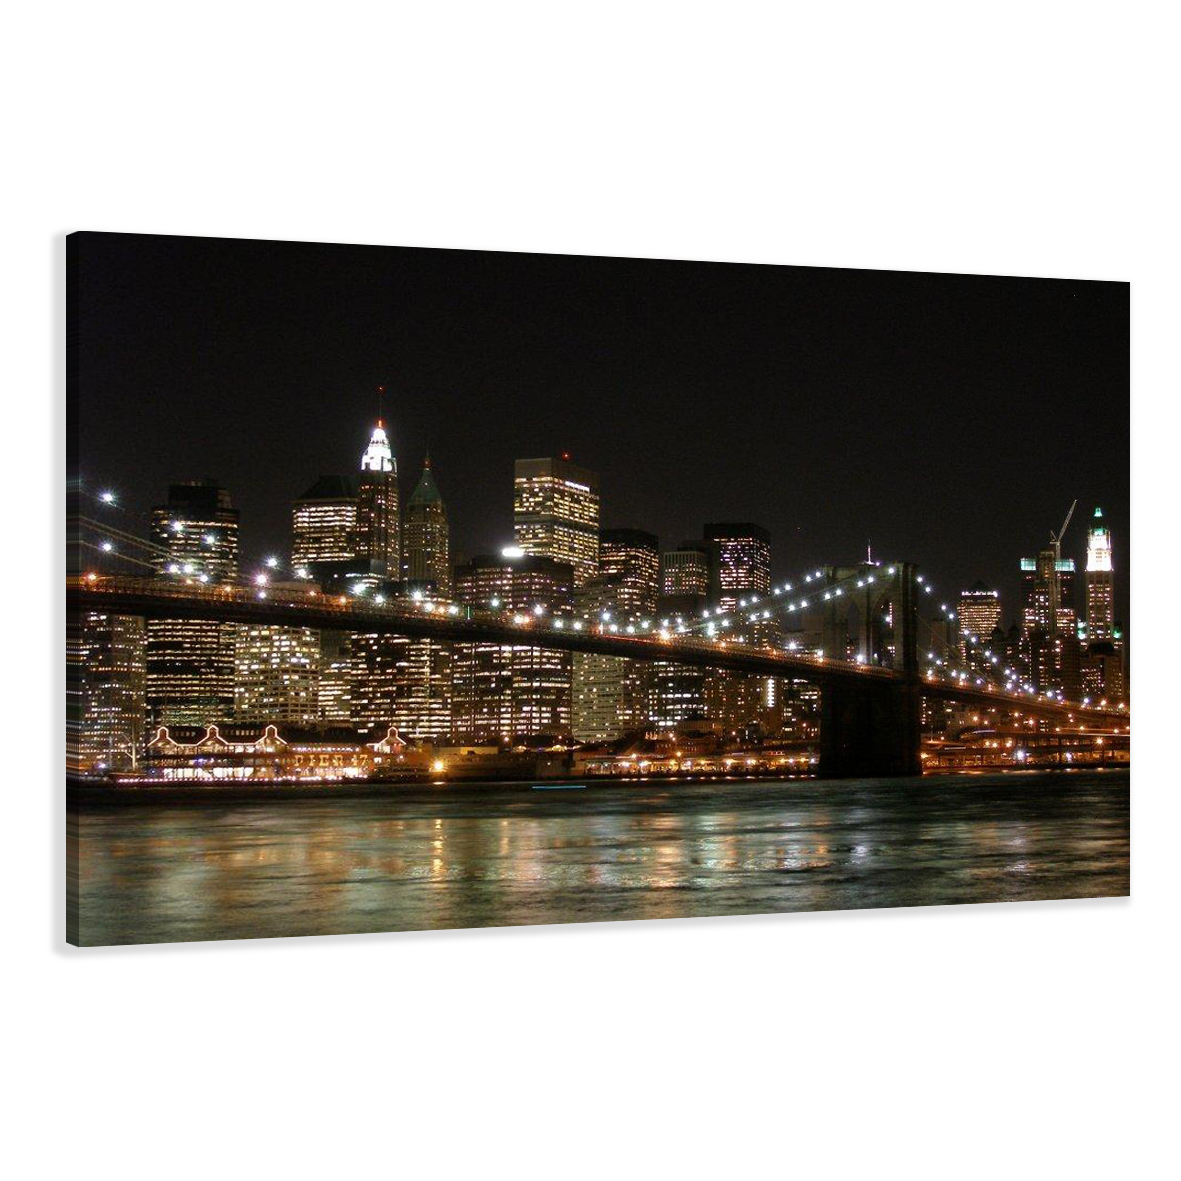 leinwand wandbilder verschiedene bilder motive 120 x 80 cm einteilig 1576 d1 ebay. Black Bedroom Furniture Sets. Home Design Ideas